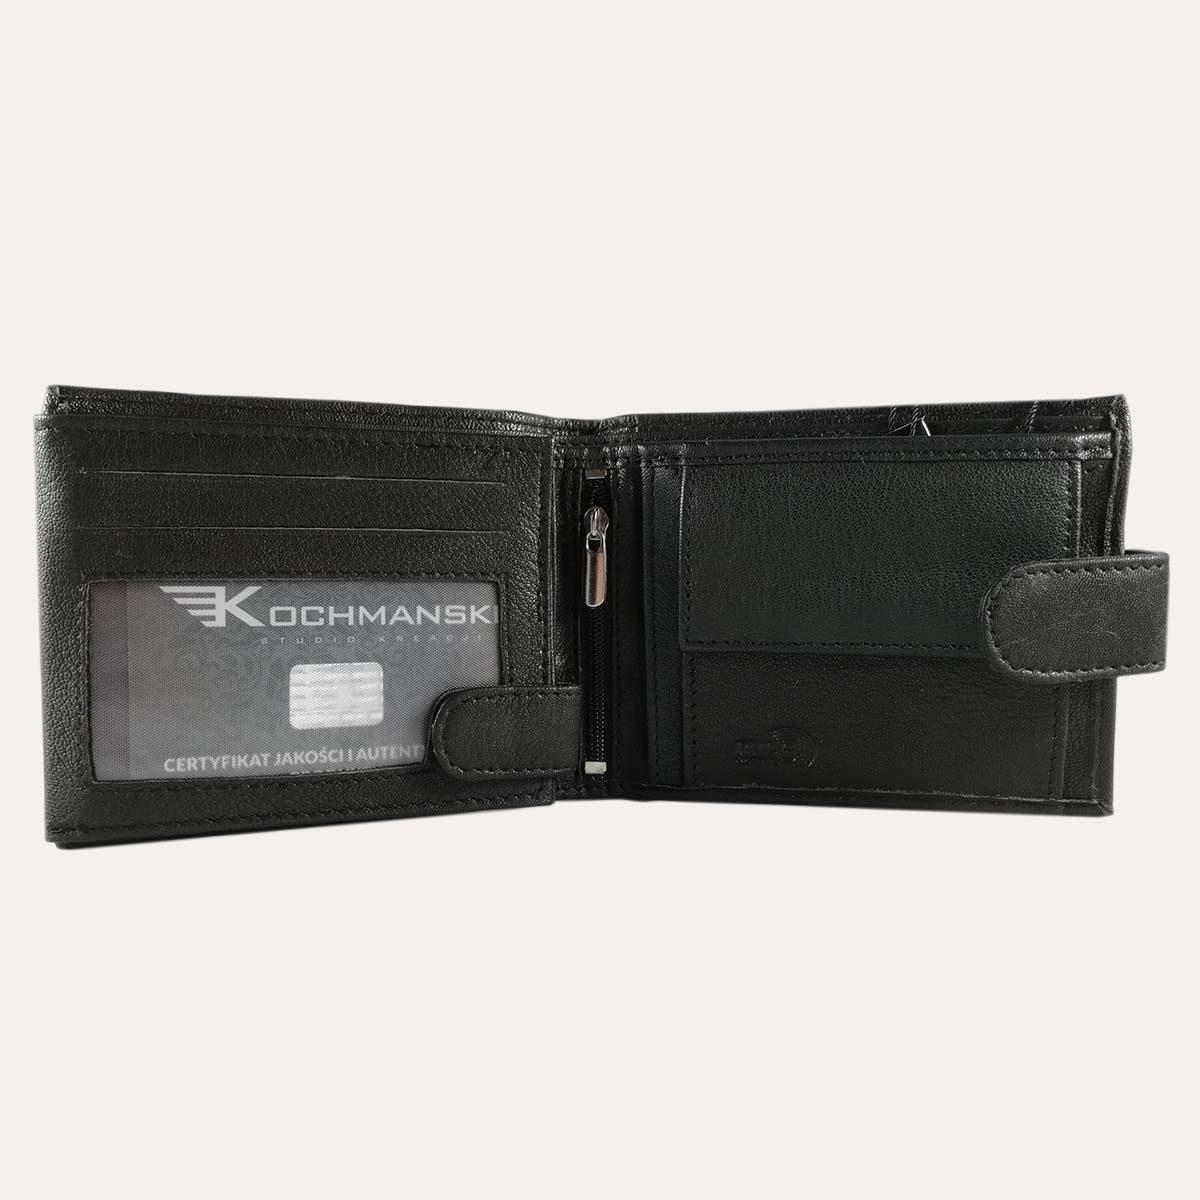 Pánská kožená peněženka Kochmanski černá se zapínáním RFID